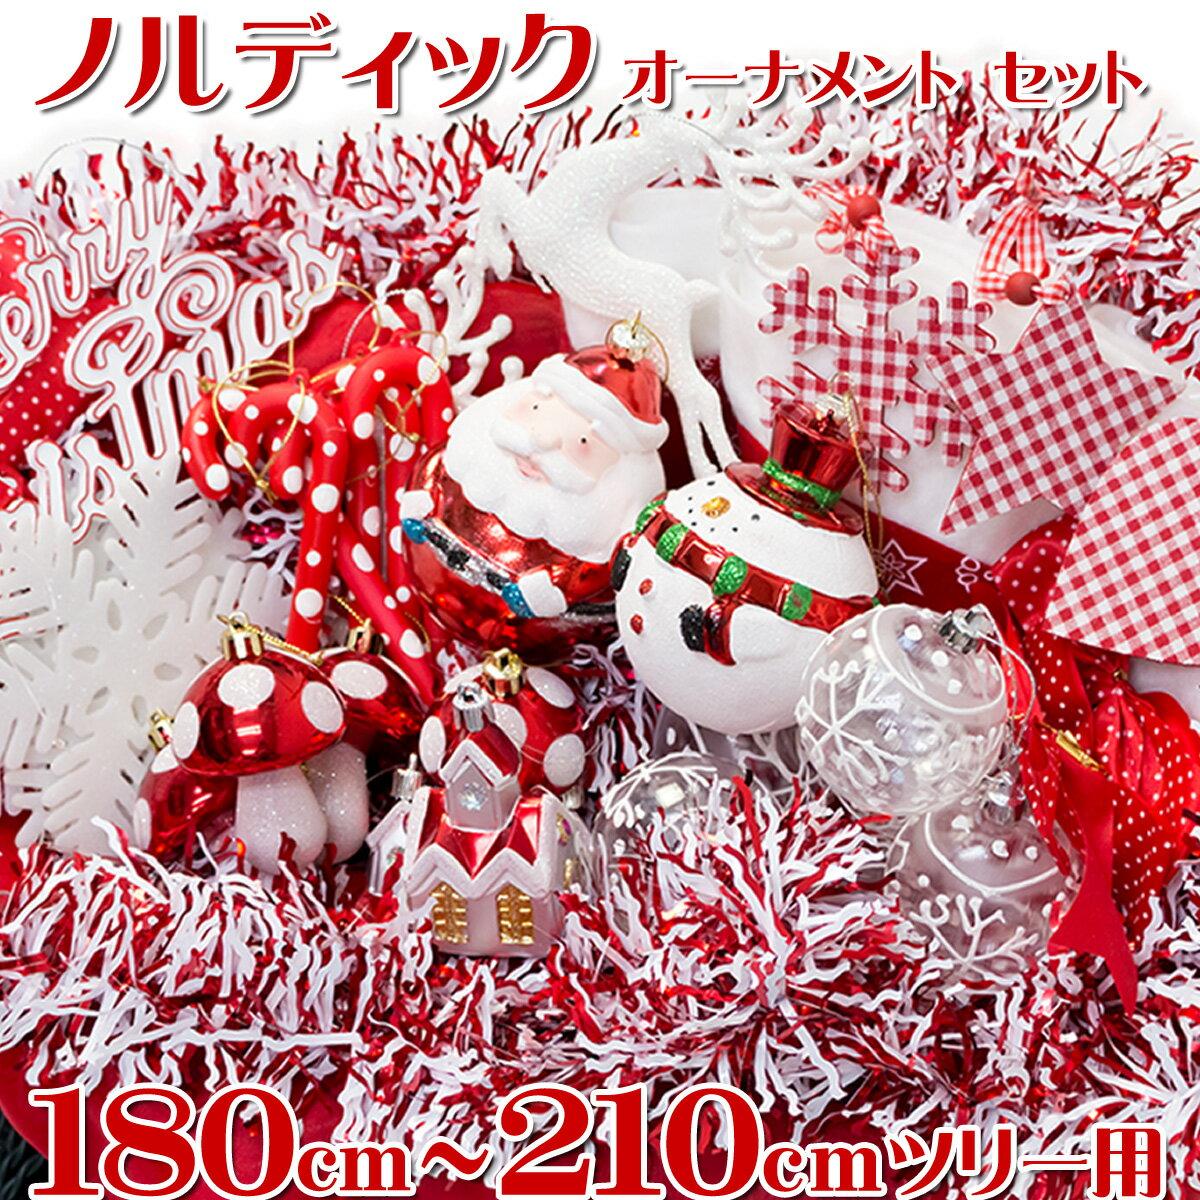 オーナメントセット ノルディック 180〜210cm クリスマスツリー用 飾り デコレーション 北欧 【jbcxmas16】